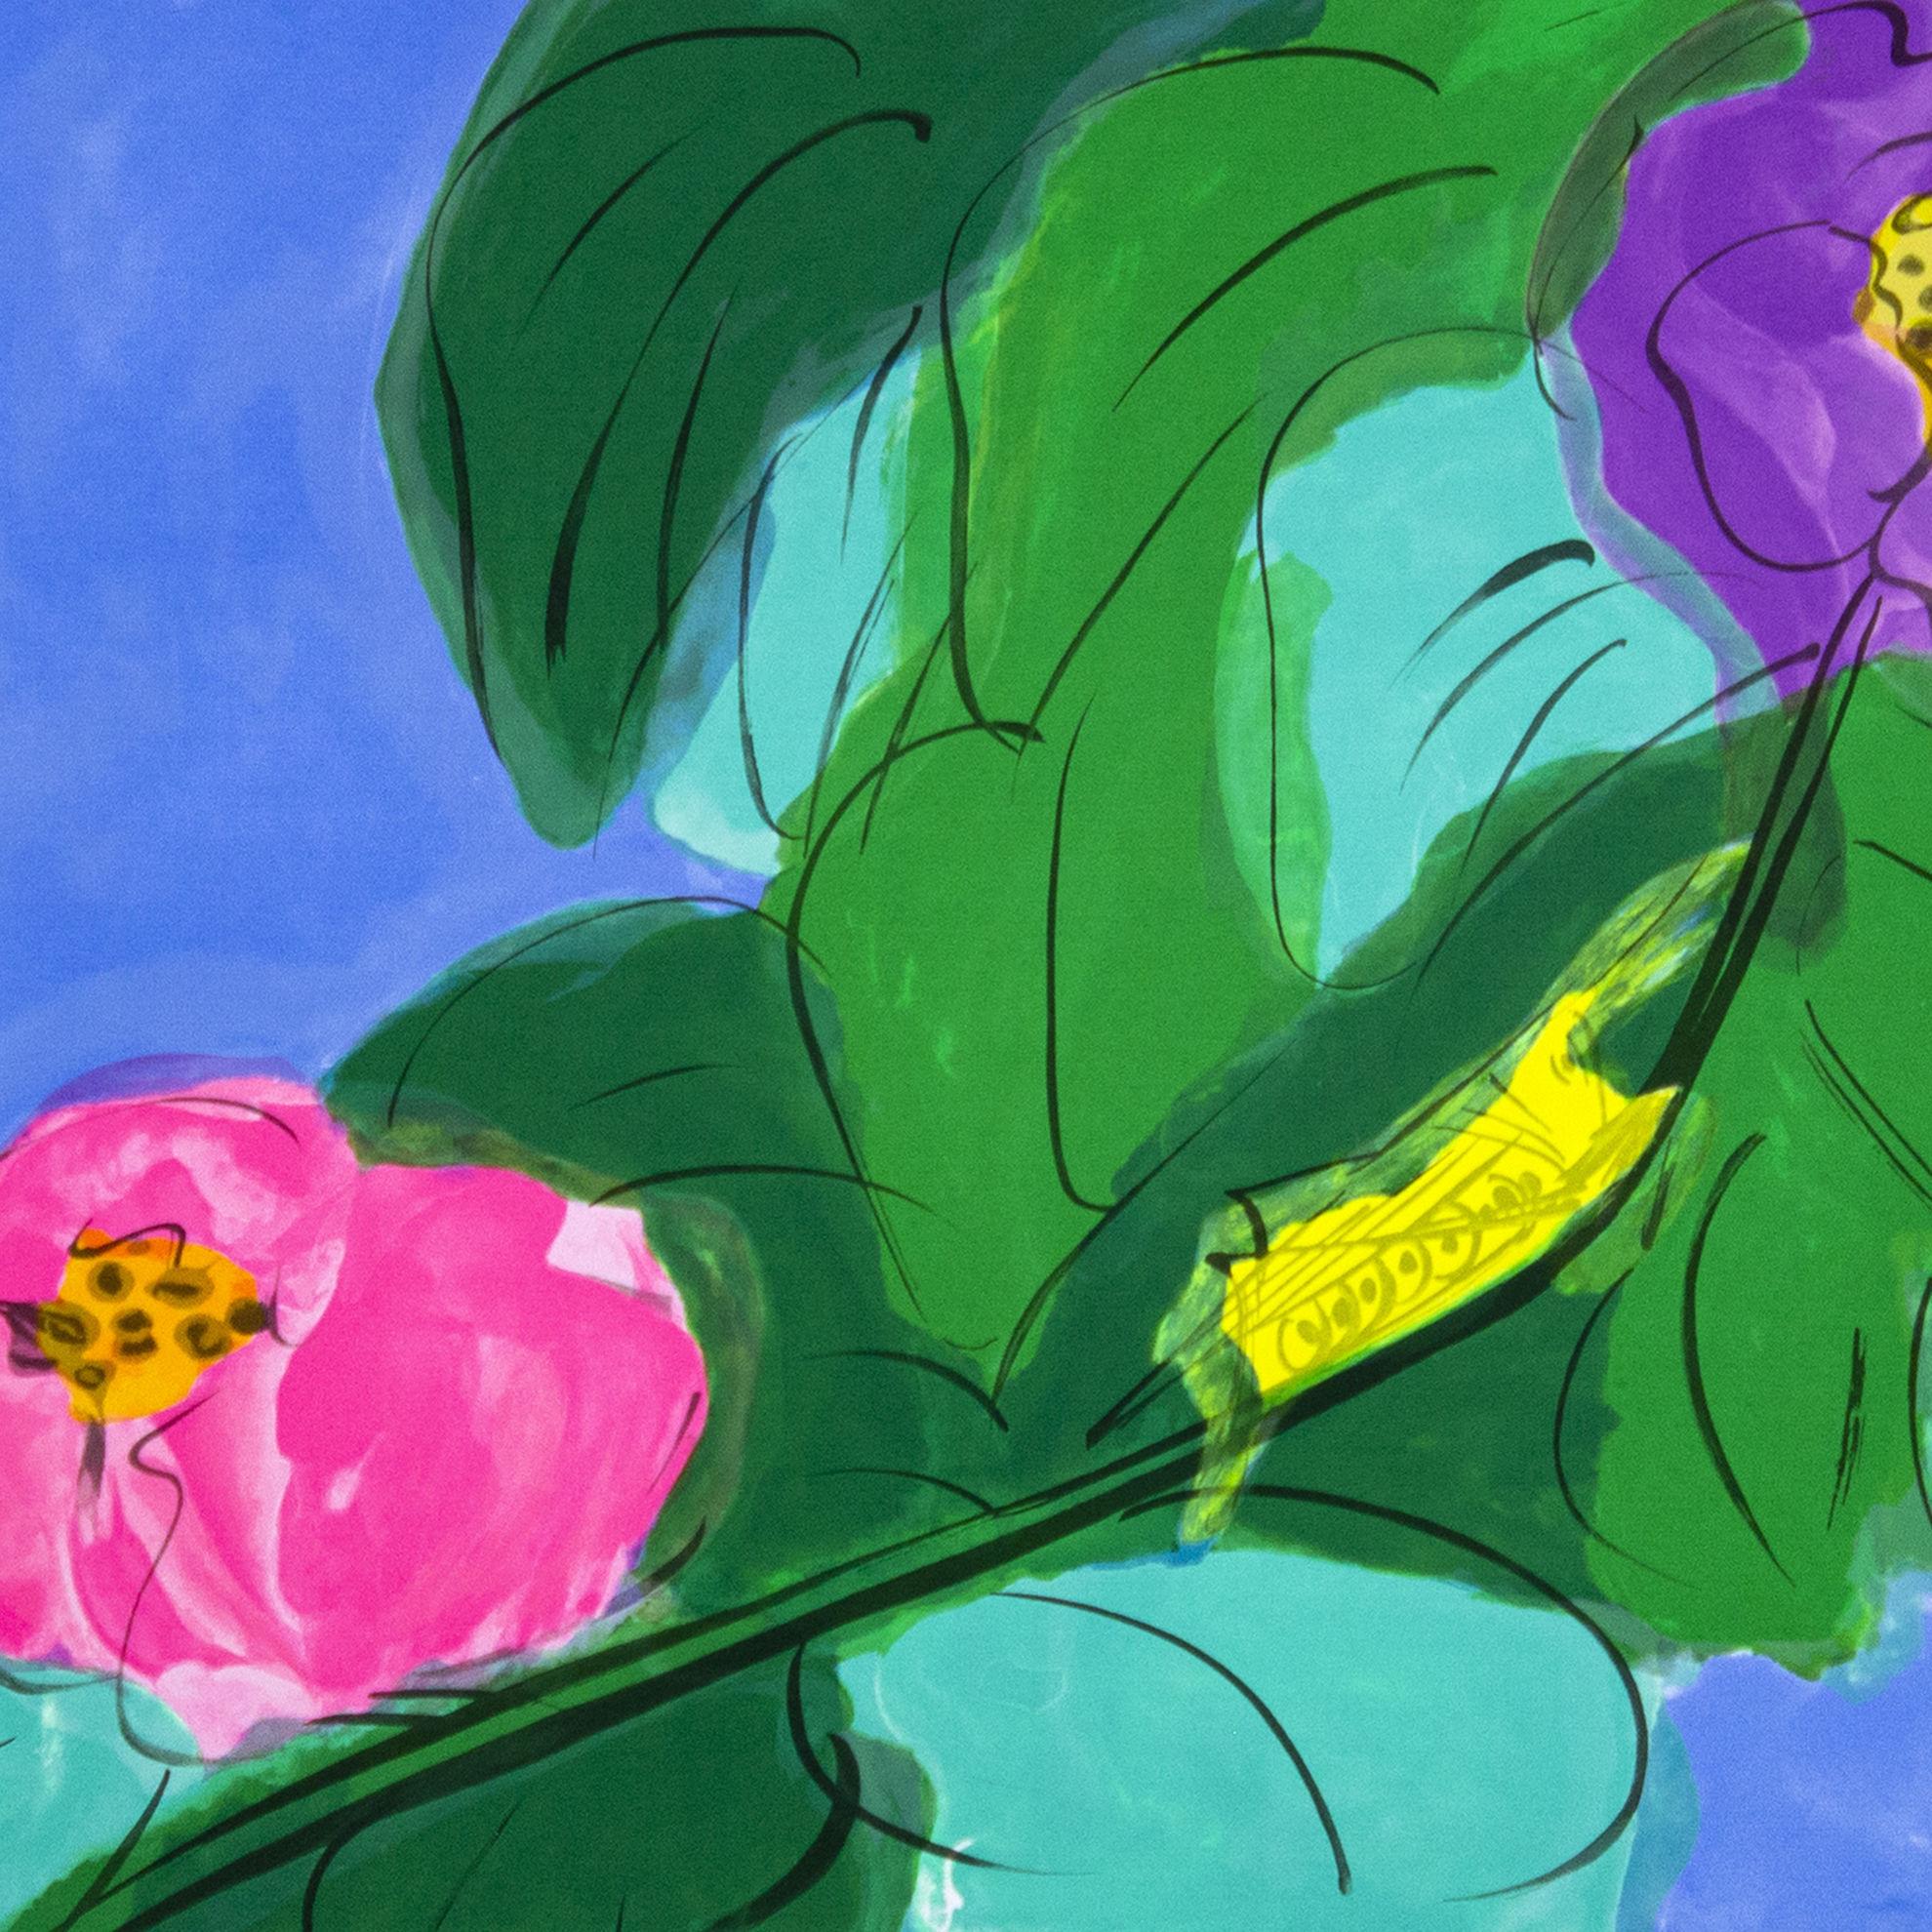 Immagine di Fiore con cavalletta